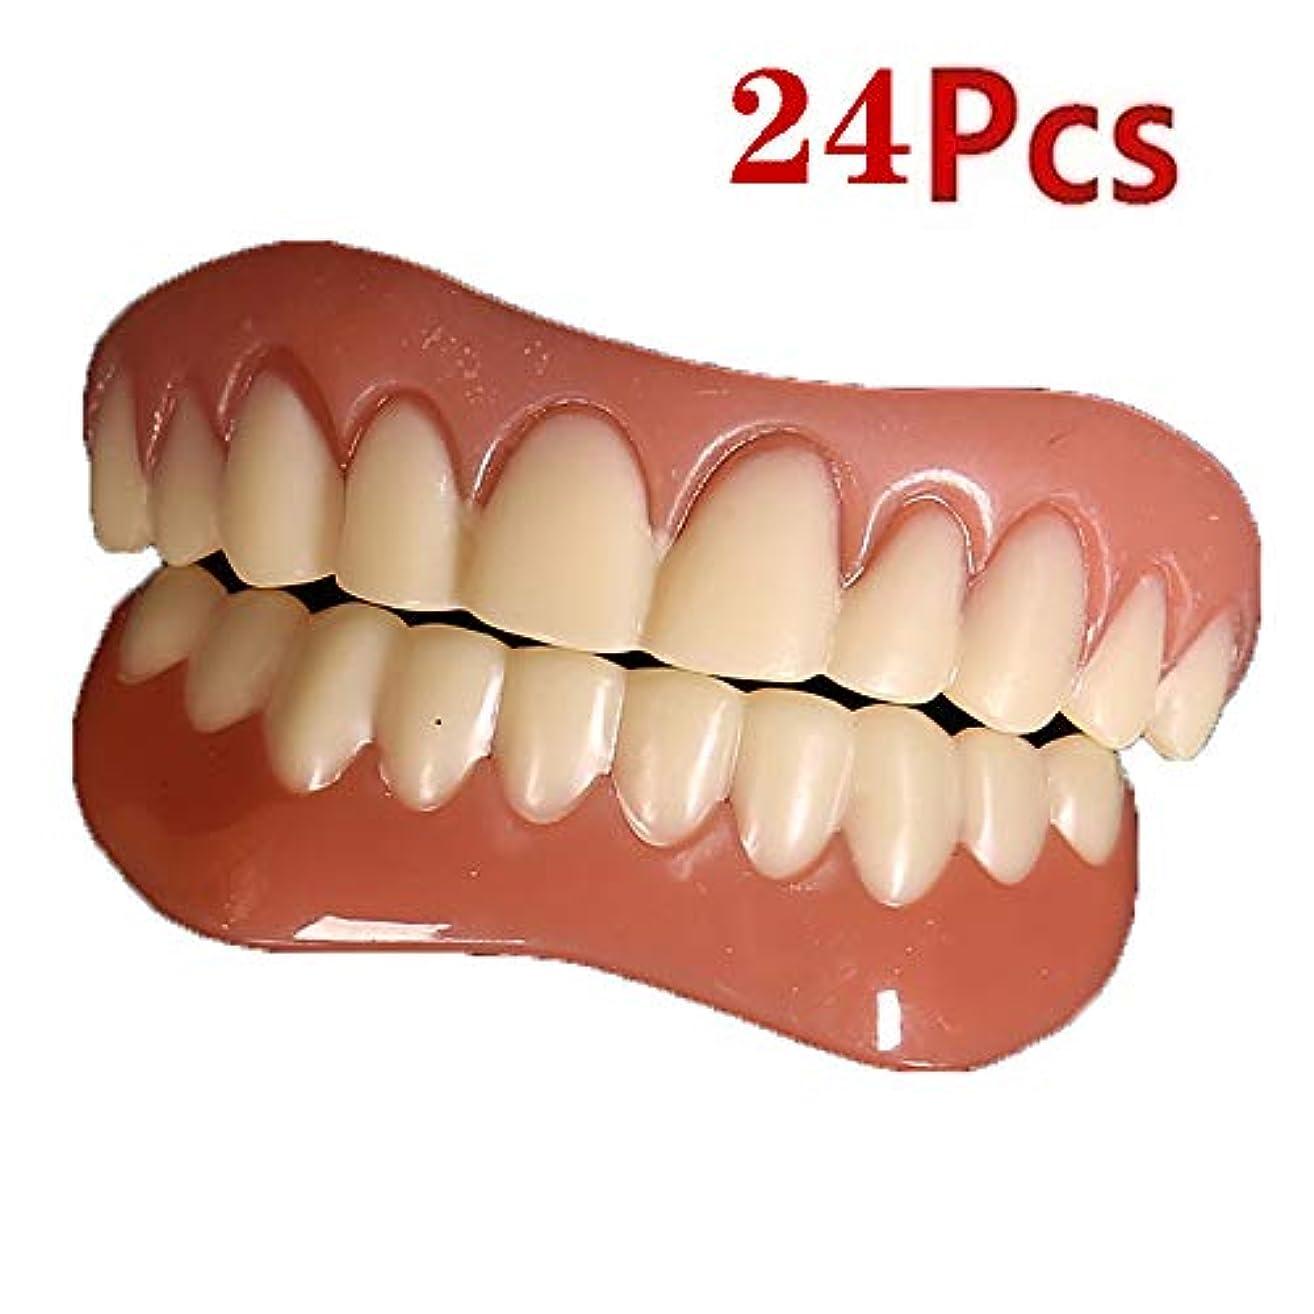 ワーディアンケースロバ検索エンジンマーケティング12セット完璧な笑顔のベニヤダブ悪い歯のための歯の修正のための在庫で完璧な笑顔のベニヤ歯ホワイトニング